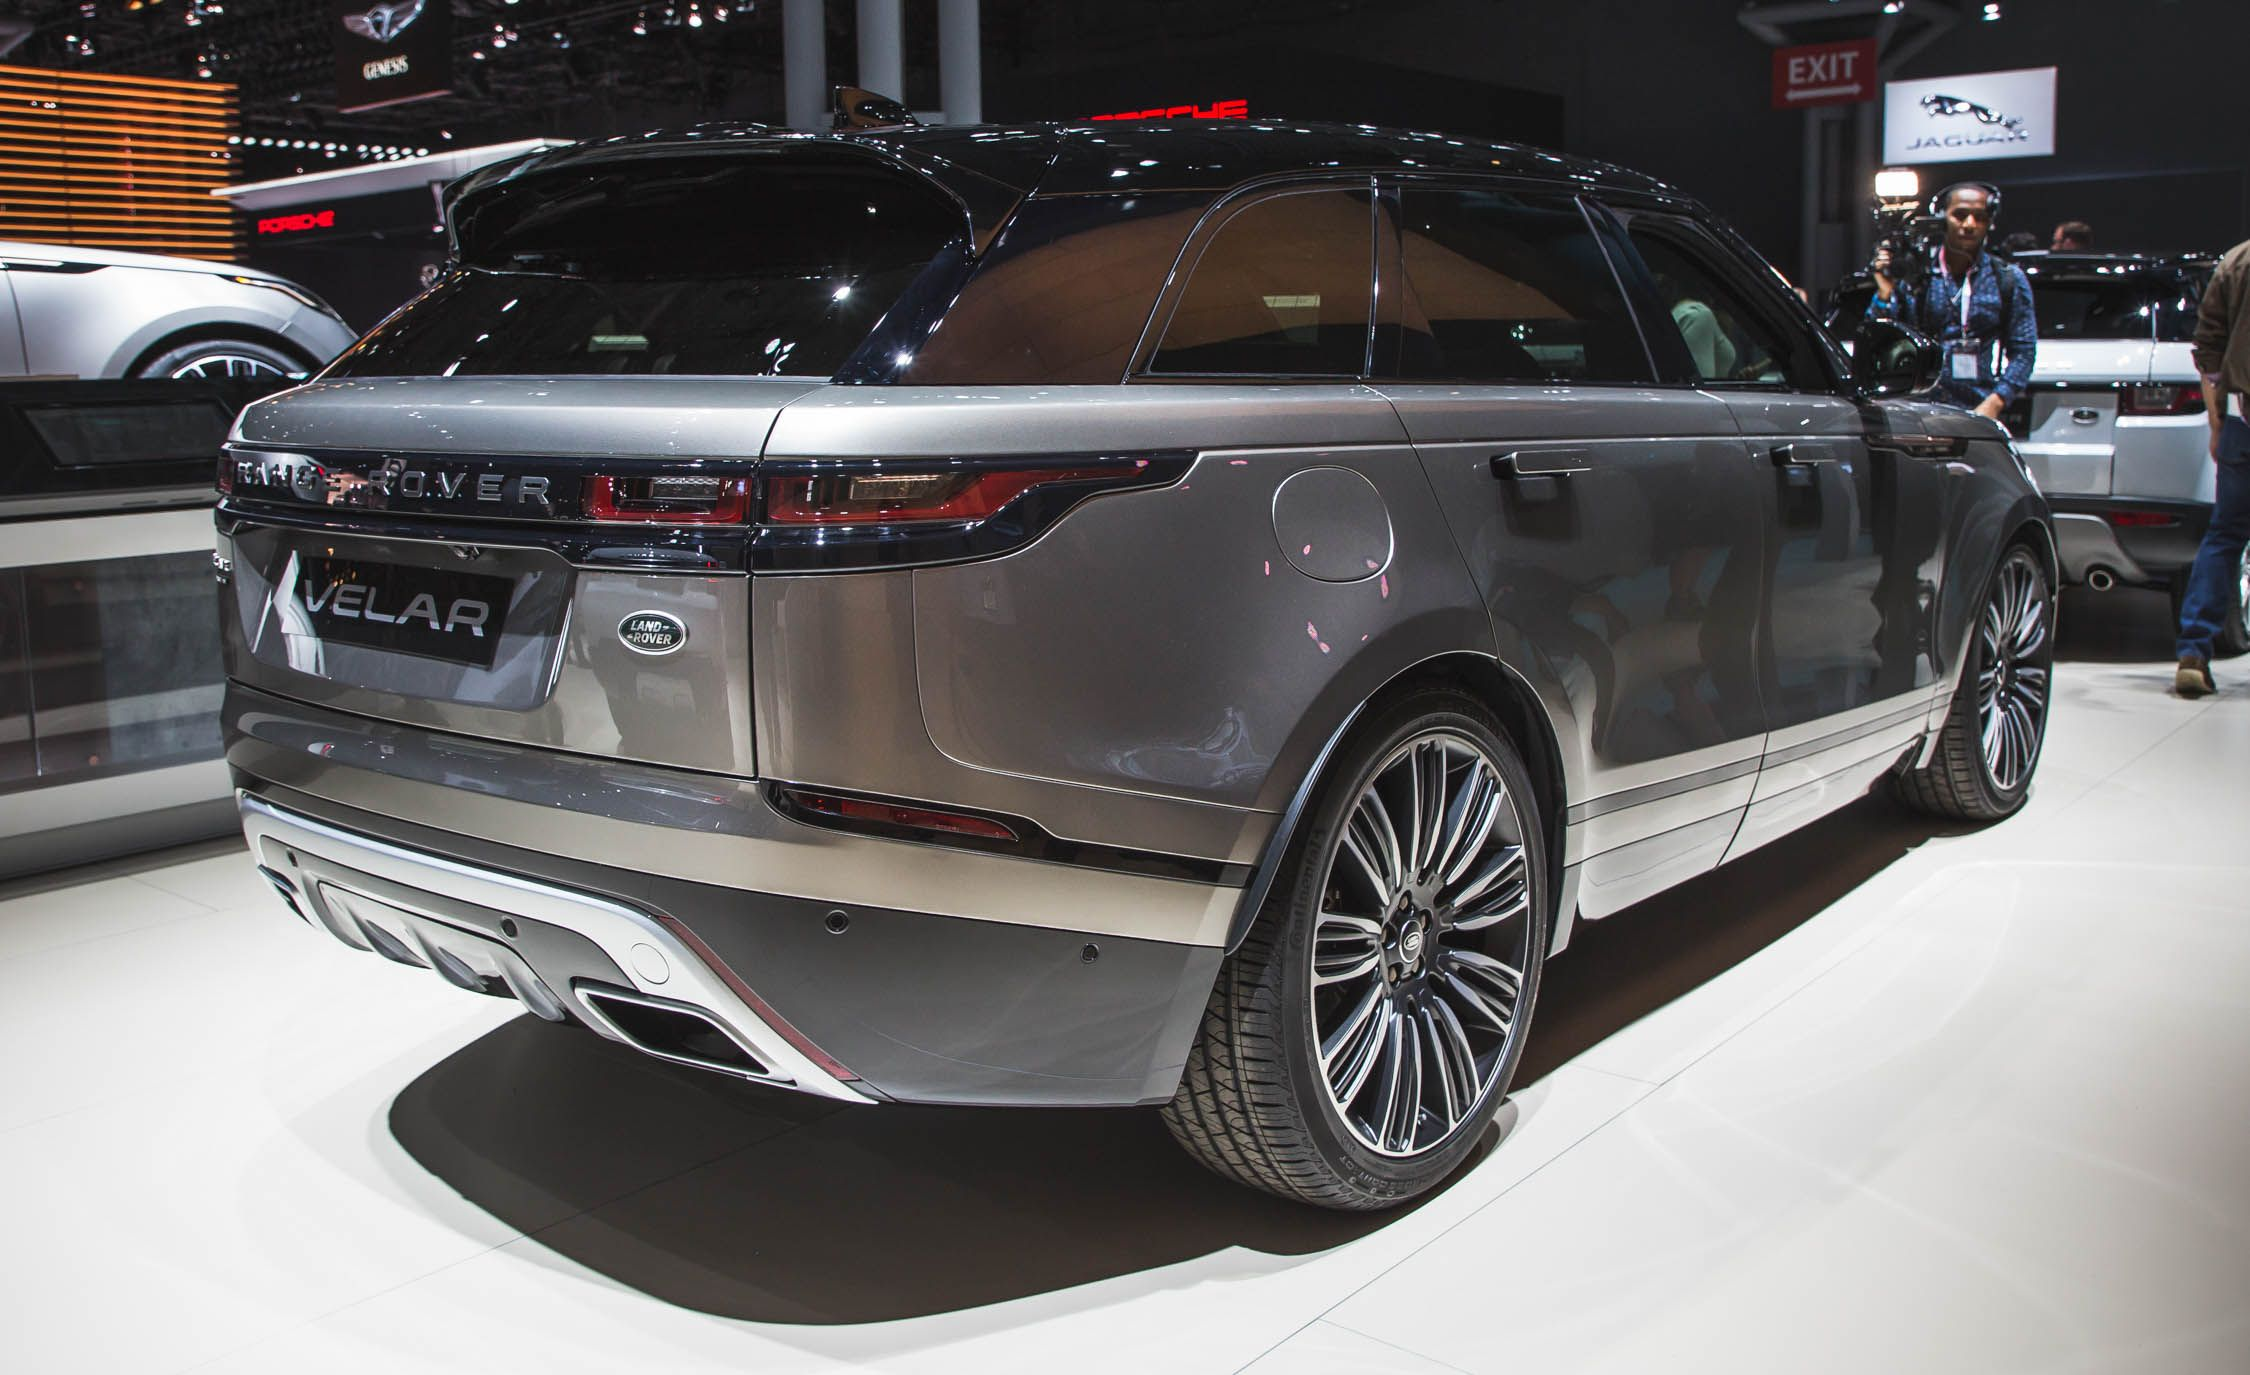 2018 Land Rover Range Rover Velar Gallery